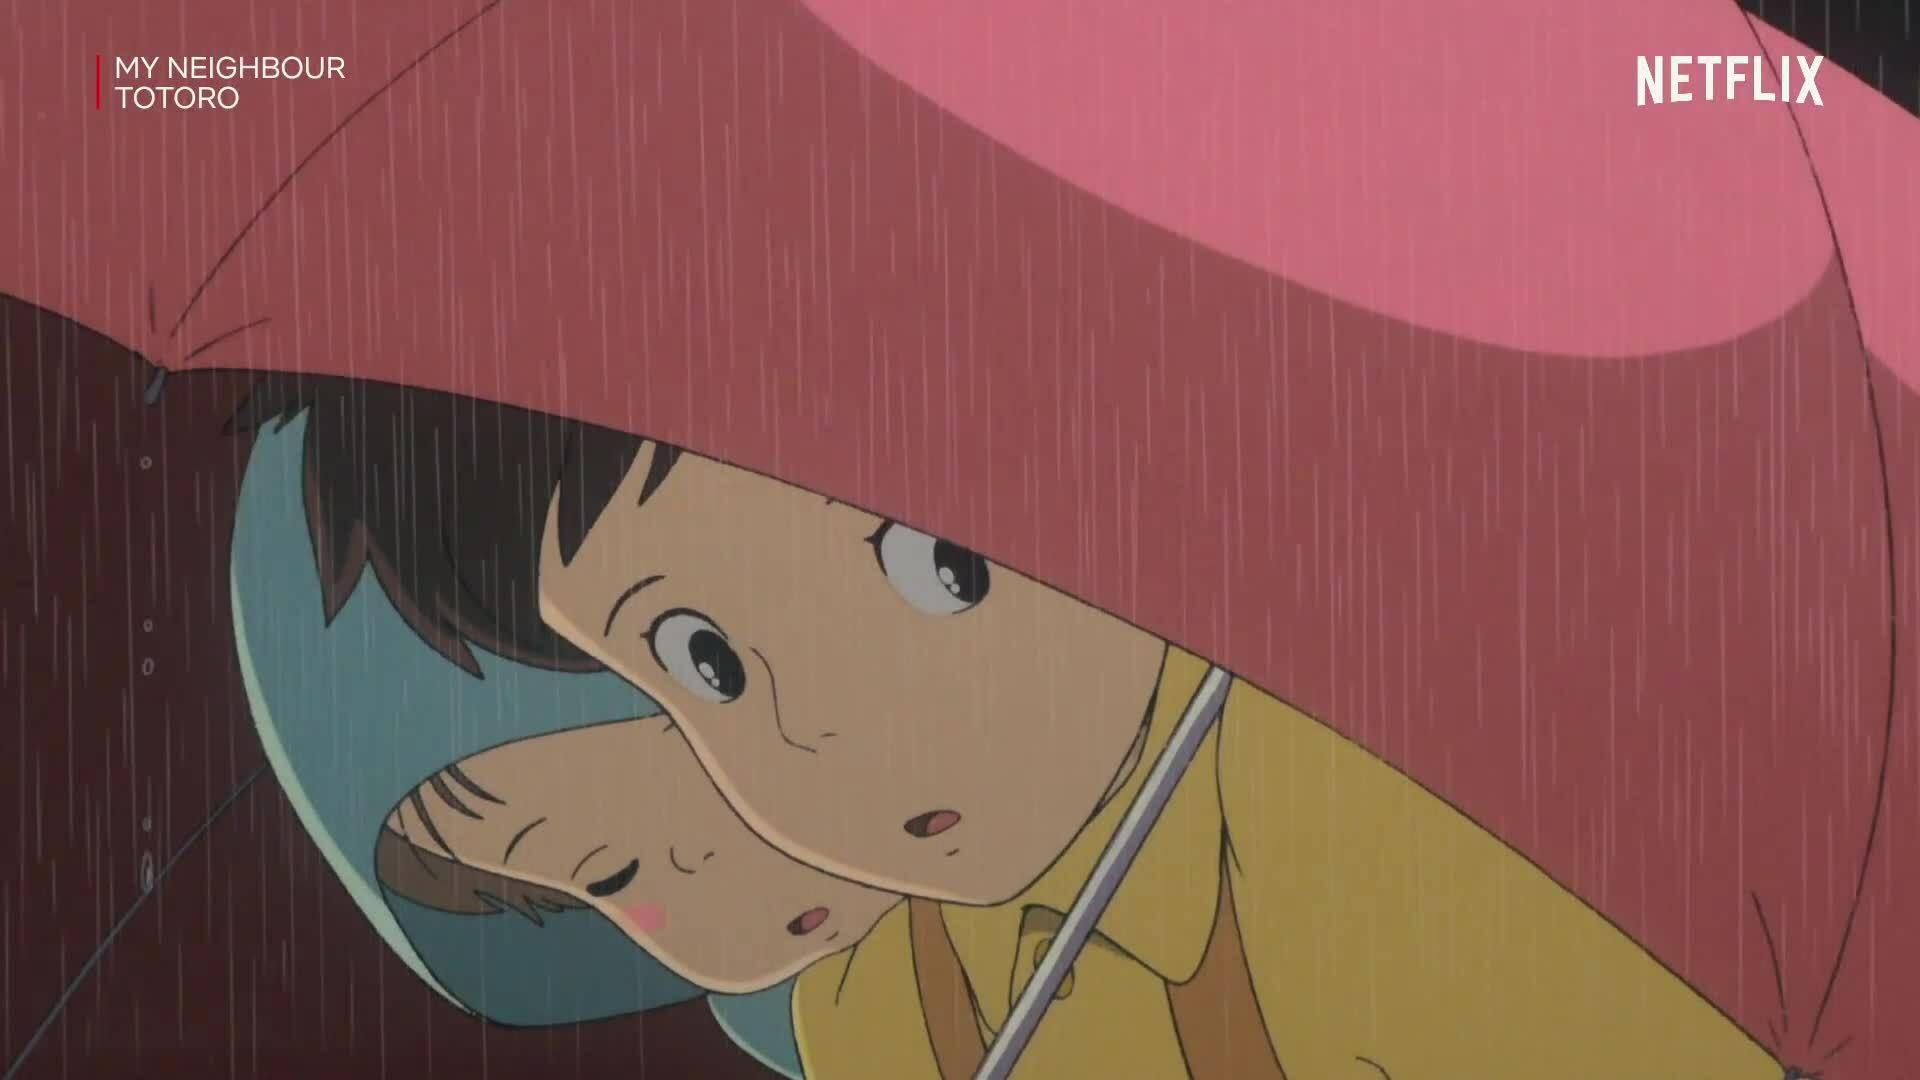 Netflix chiếu 21 phim hoạt hình Nhật